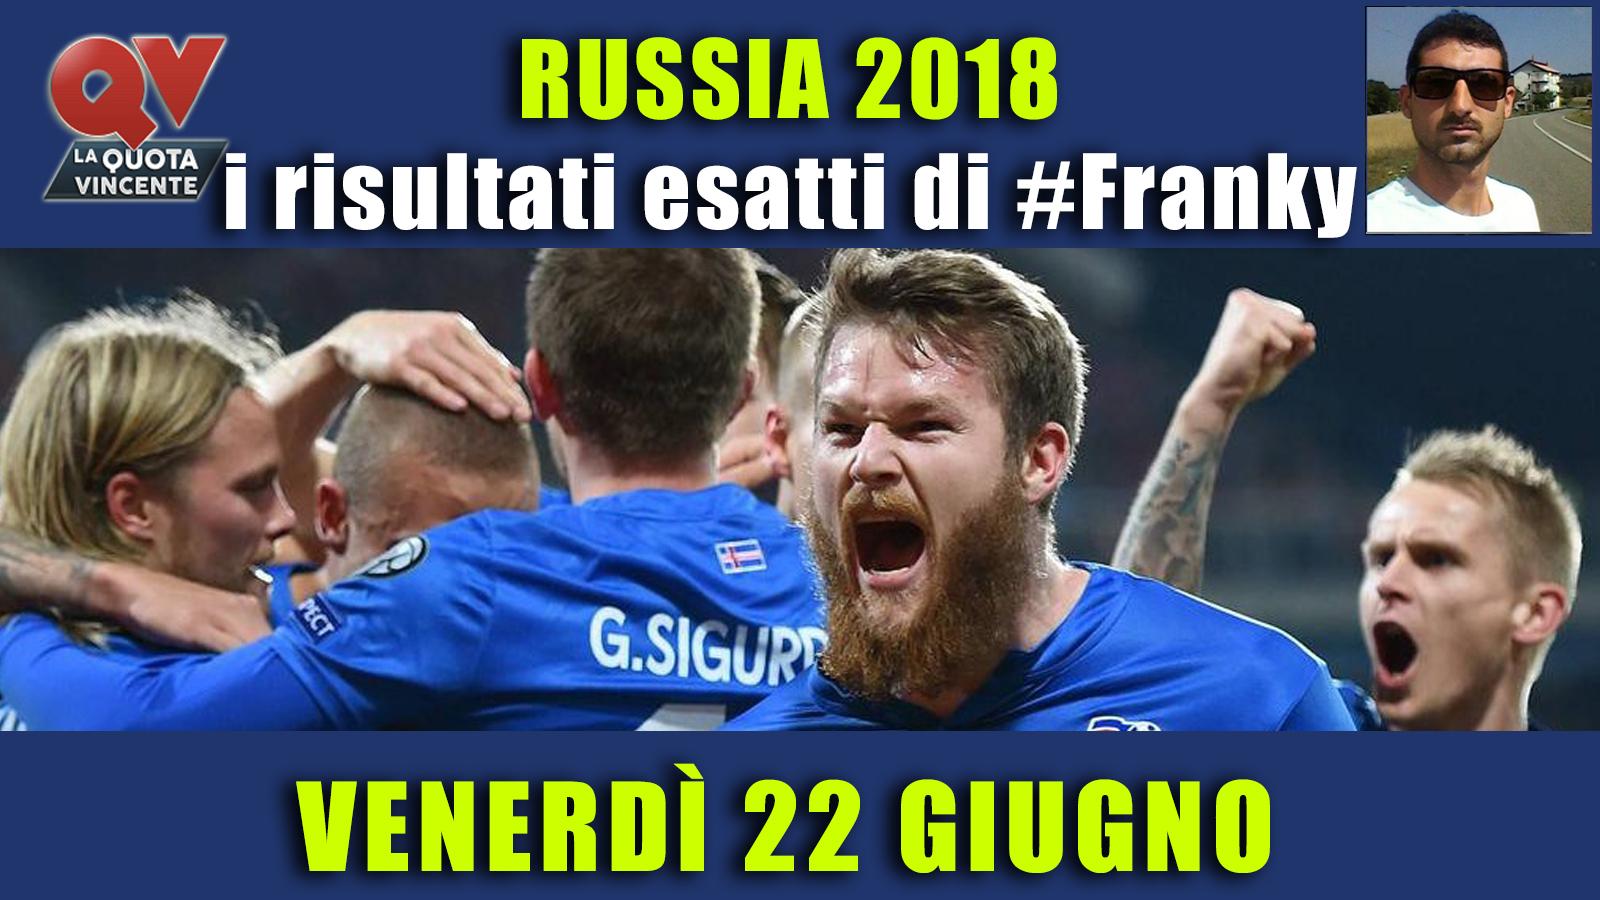 Pronostici risultati esatti Mondiali 22 giugno: le scelte di #FrankyDefa